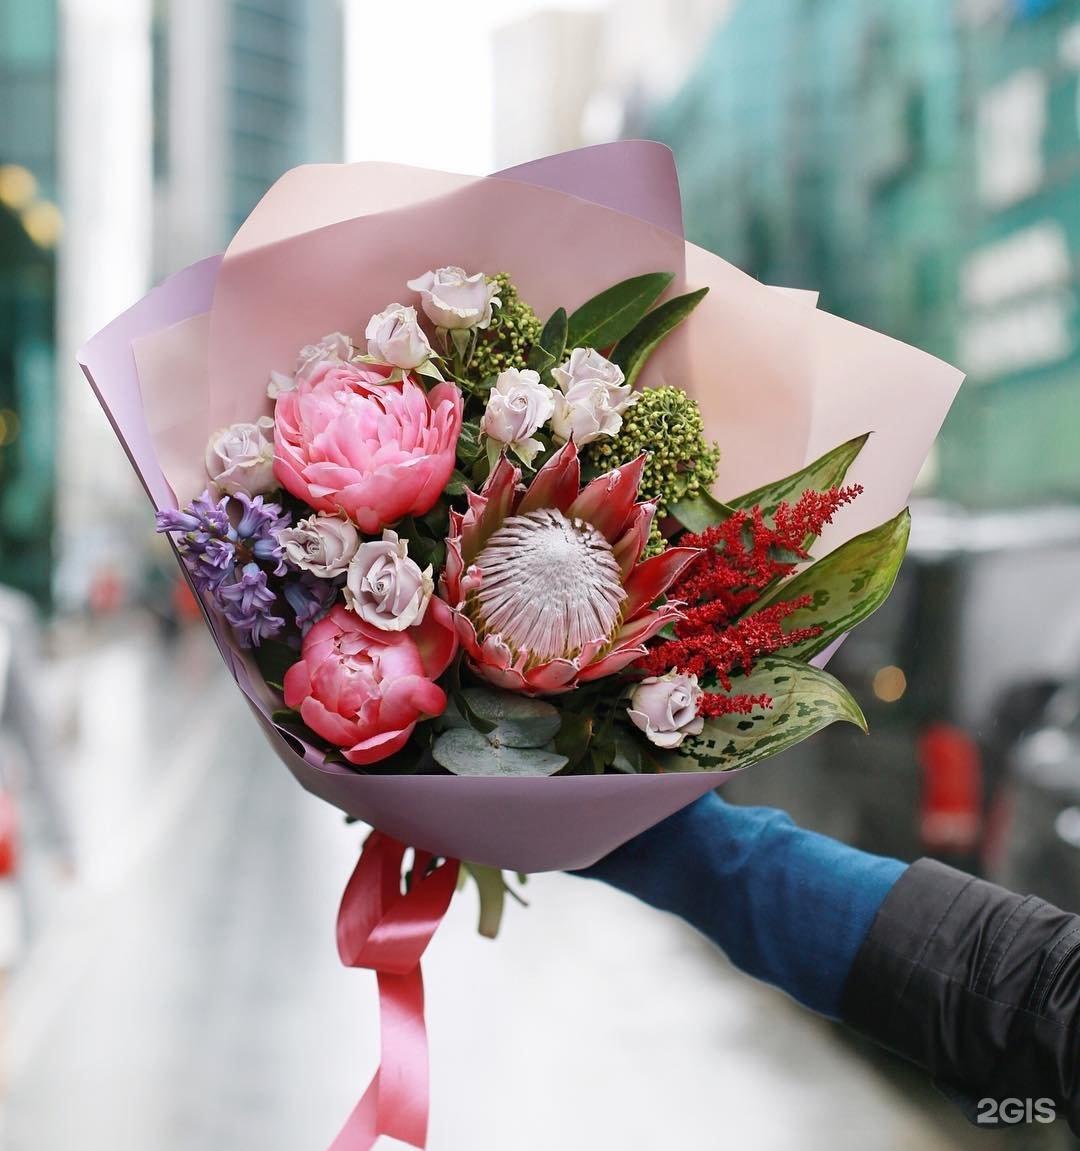 Доставкой симферополь, невабукет москва доставка цветов